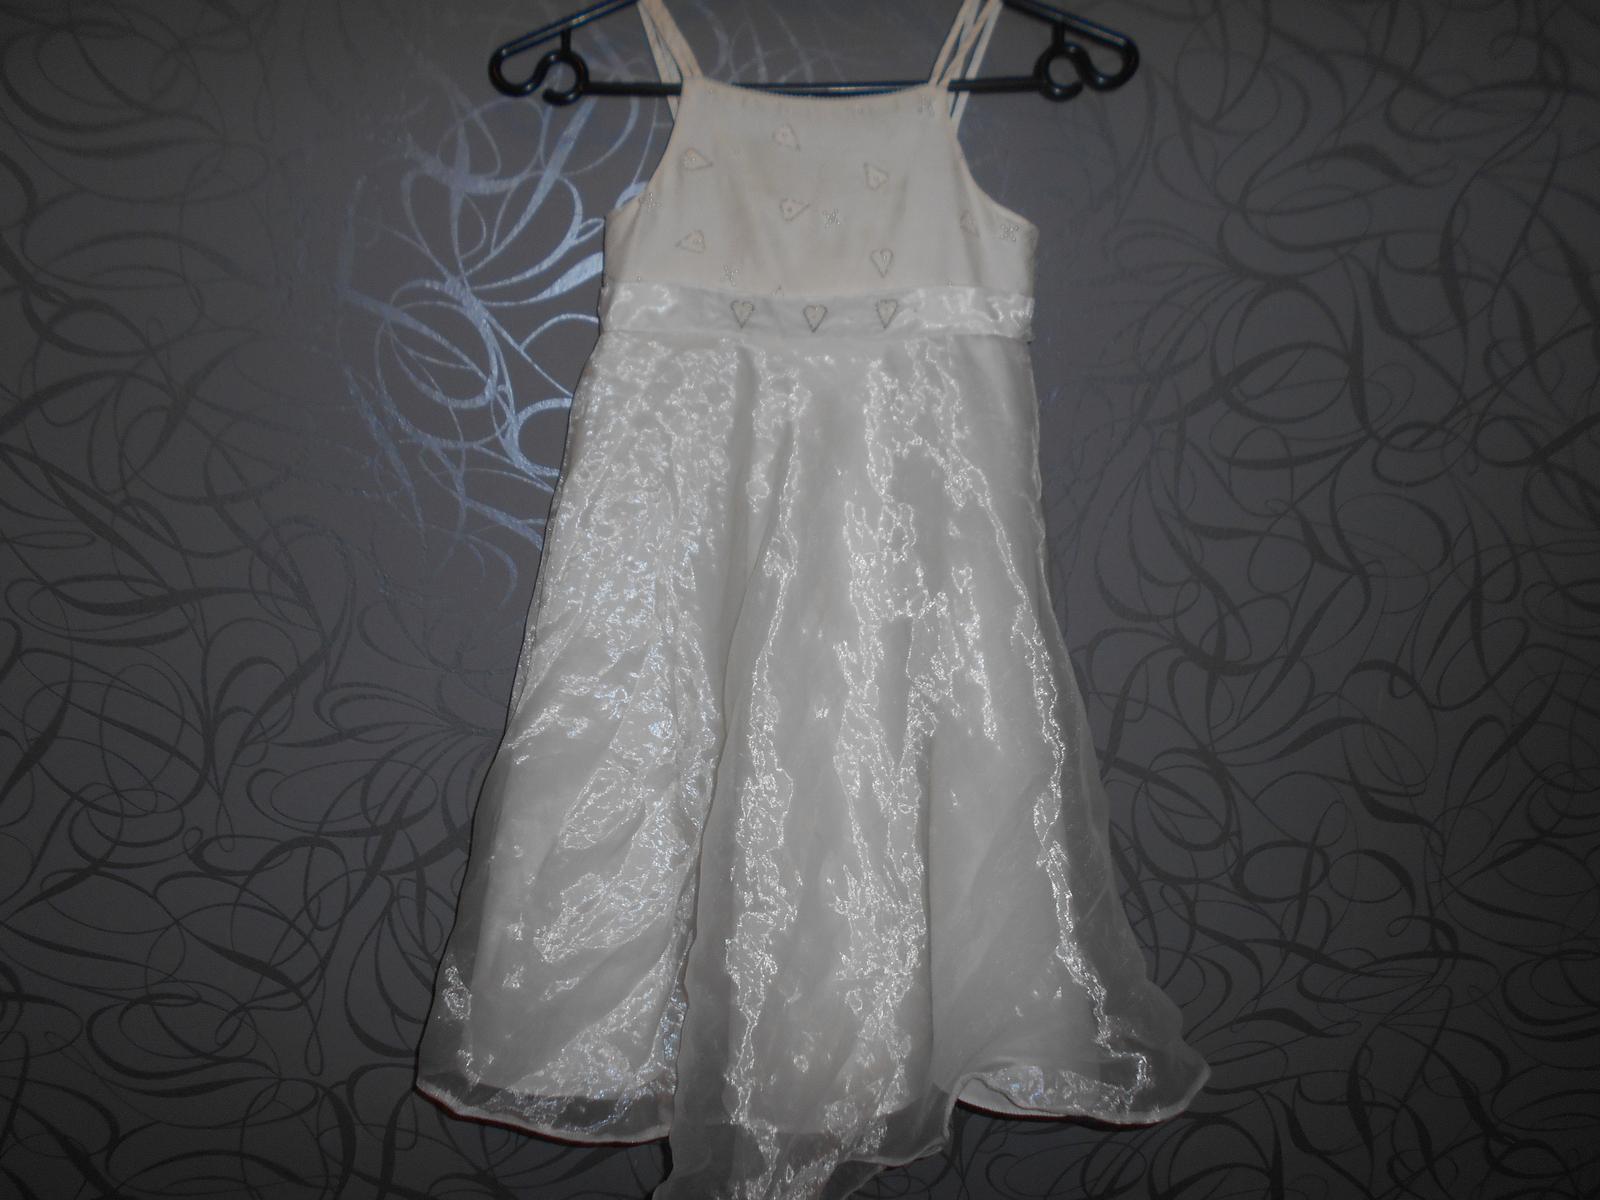 společenské šaty pro družíčku -srdíčka - Obrázek č. 1